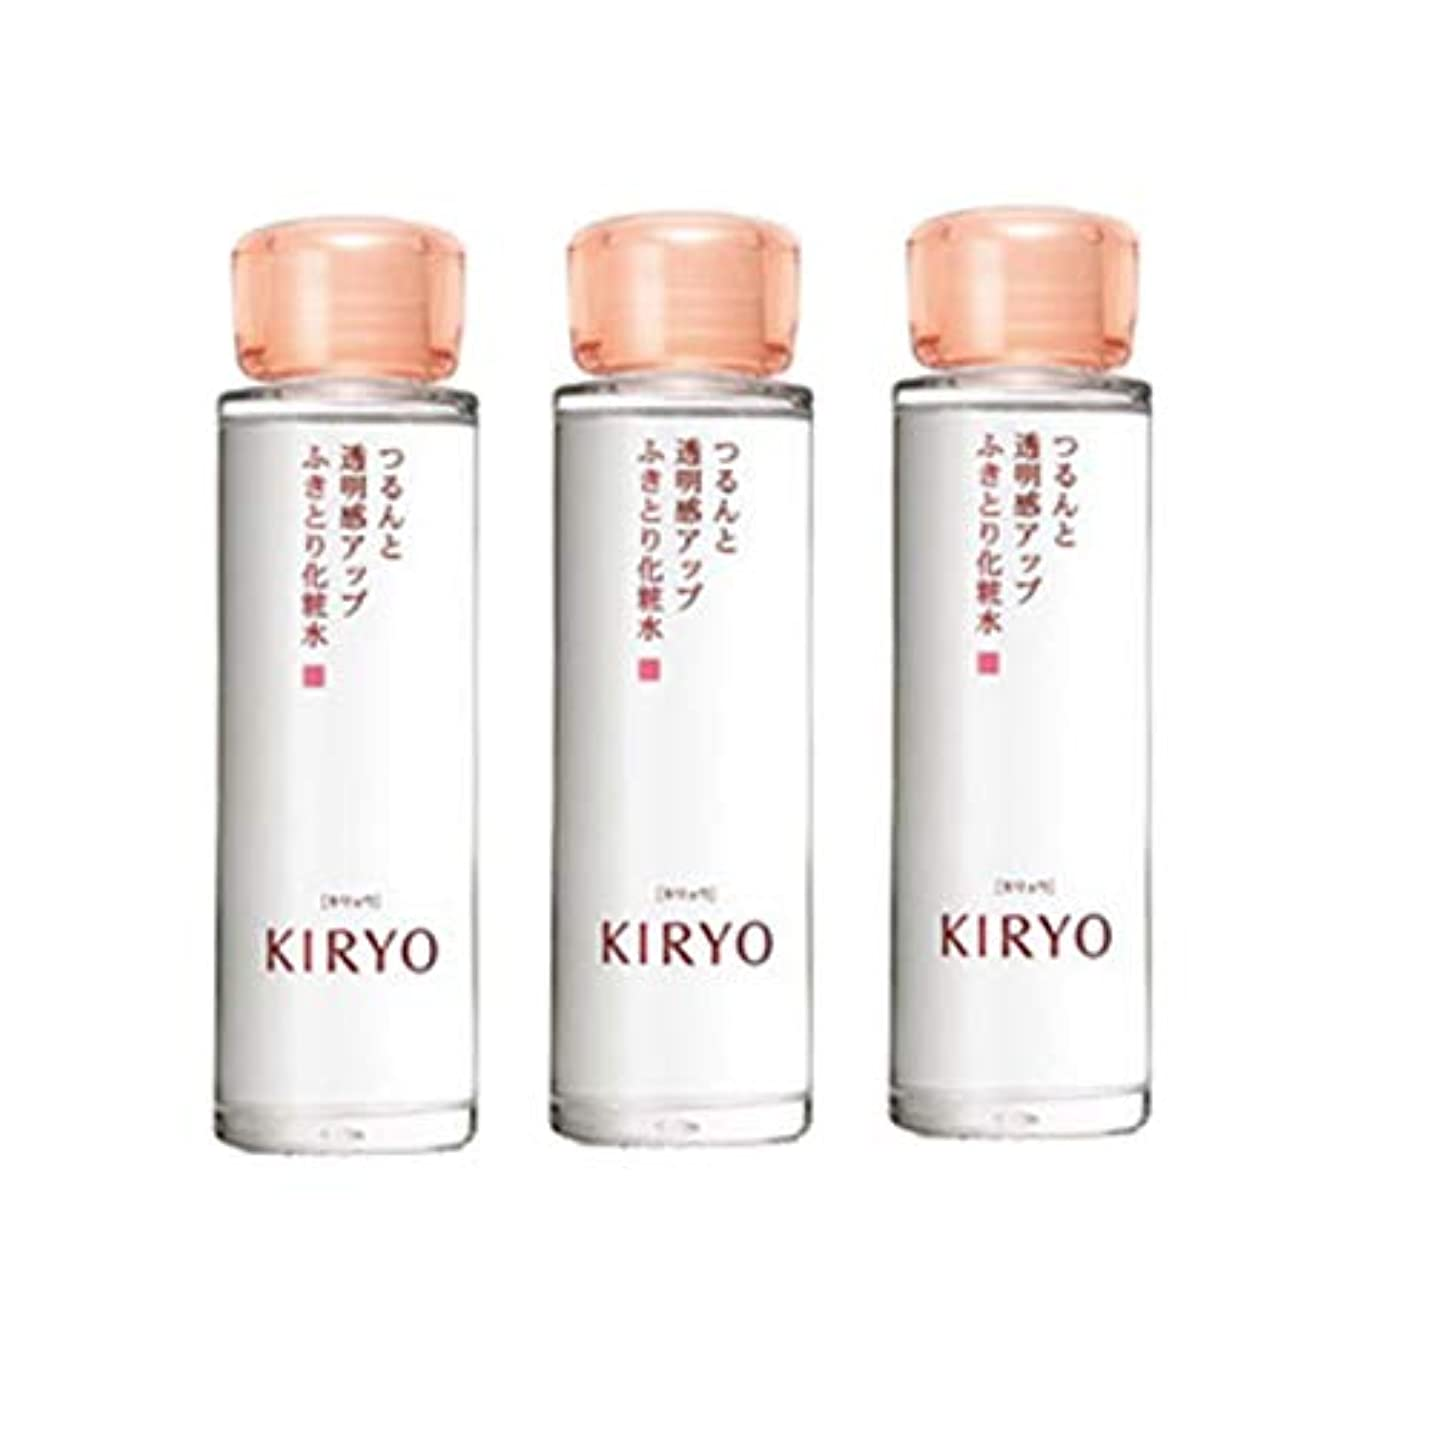 樹皮汚染されたそばに【資生堂/キリョウ】KIRYO クリアアップ ウオーターn 125ml ×3個セット【International shipping available】